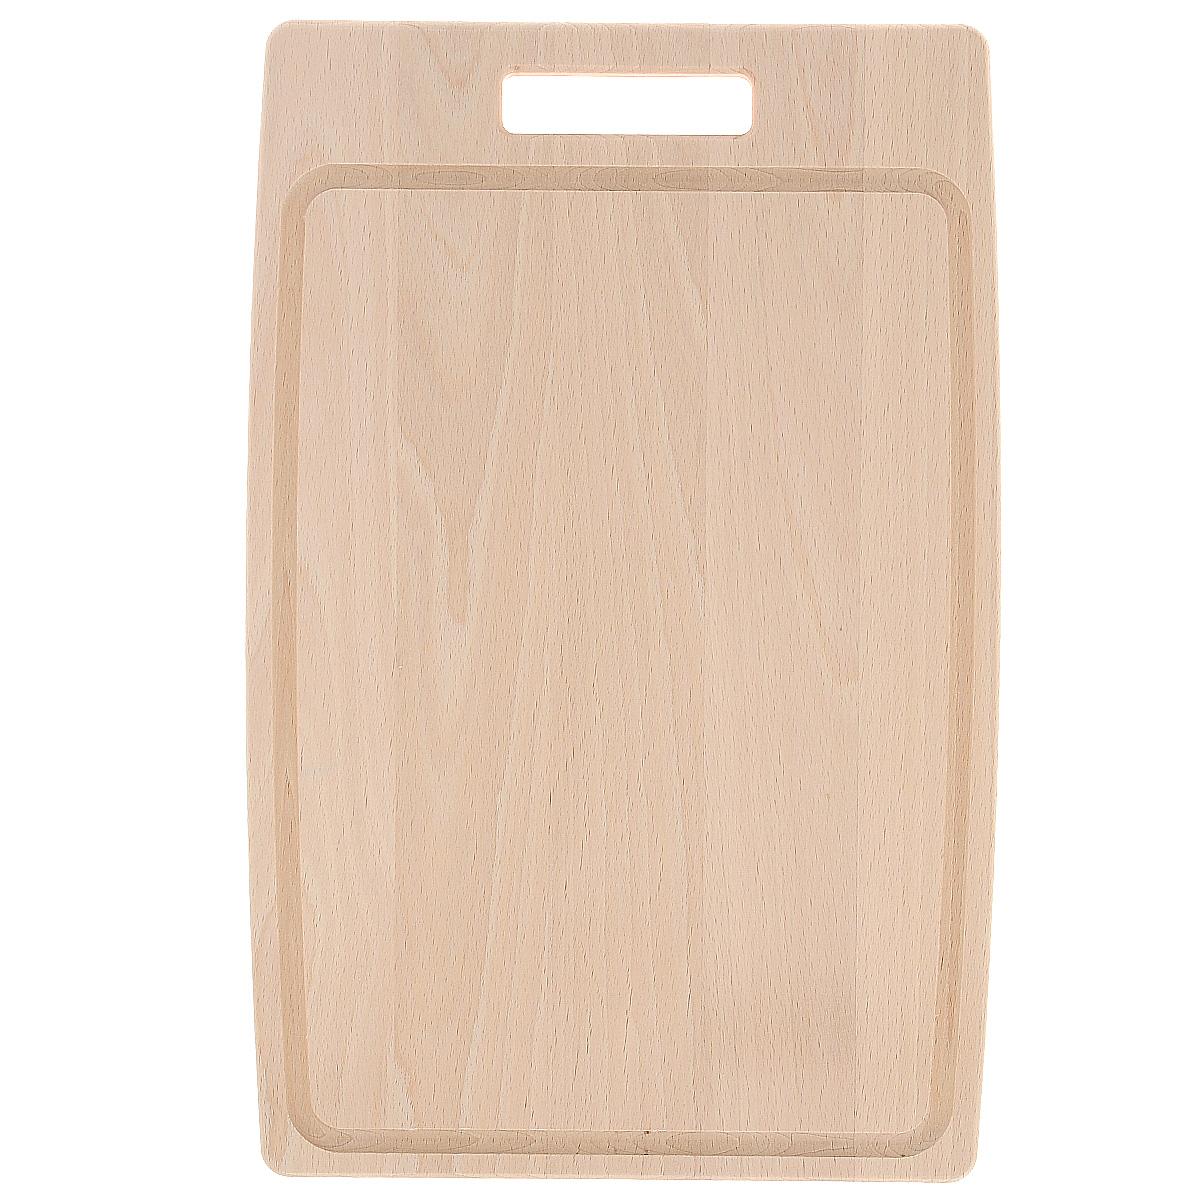 Доска разделочная Tescoma Home Profi, 30 х 20 смFS-91909Прямоугольная разделочная доска Tescoma Home Profi изготовлена из высококачественной древесины бука. Бук - это особо прочный материал, который прослужит вам долгие годы. Доска оснащена удобной ручкой.Функциональная и простая в использовании, разделочная доска Tescoma Home Profi прекрасно впишется в интерьер любой кухни. Не мыть в посудомоечной машине.